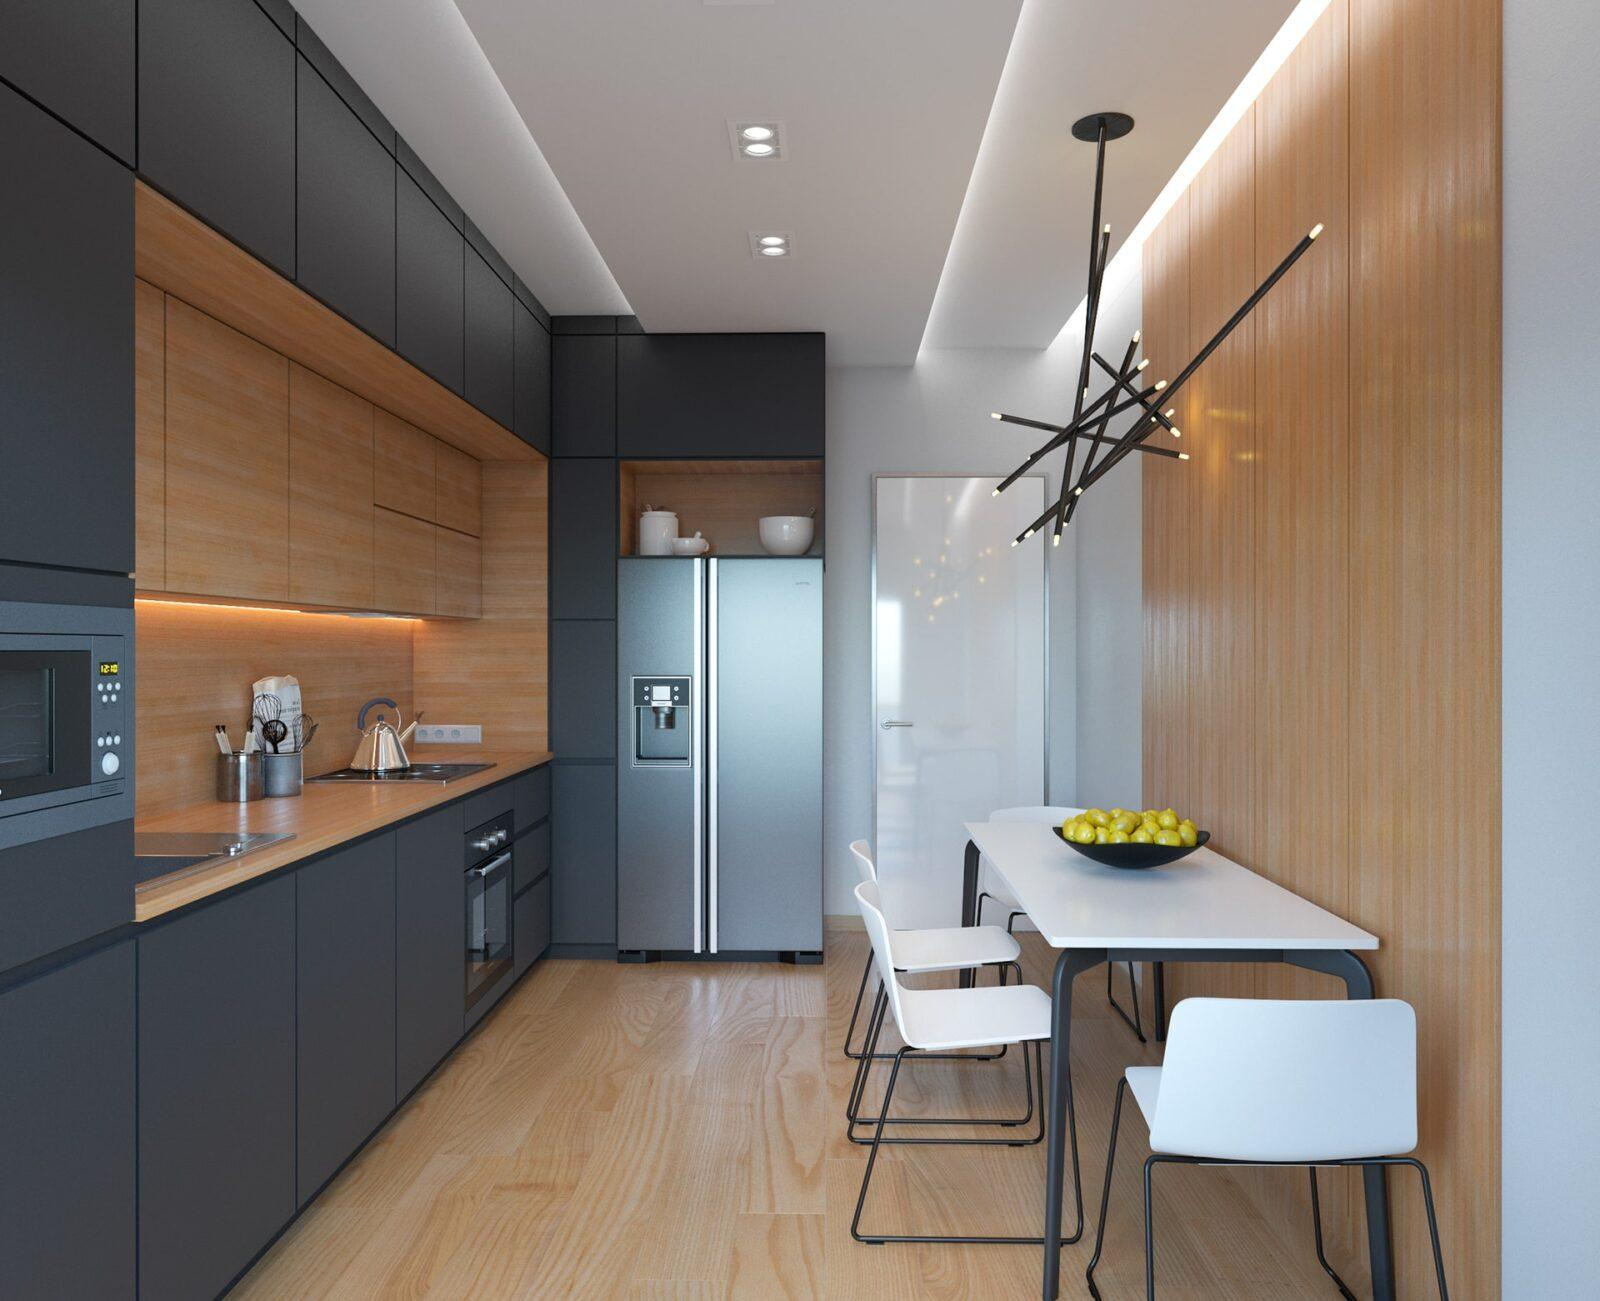 Угловая черно-древесная кухня в 2 уровня со скрытыми ручками 4